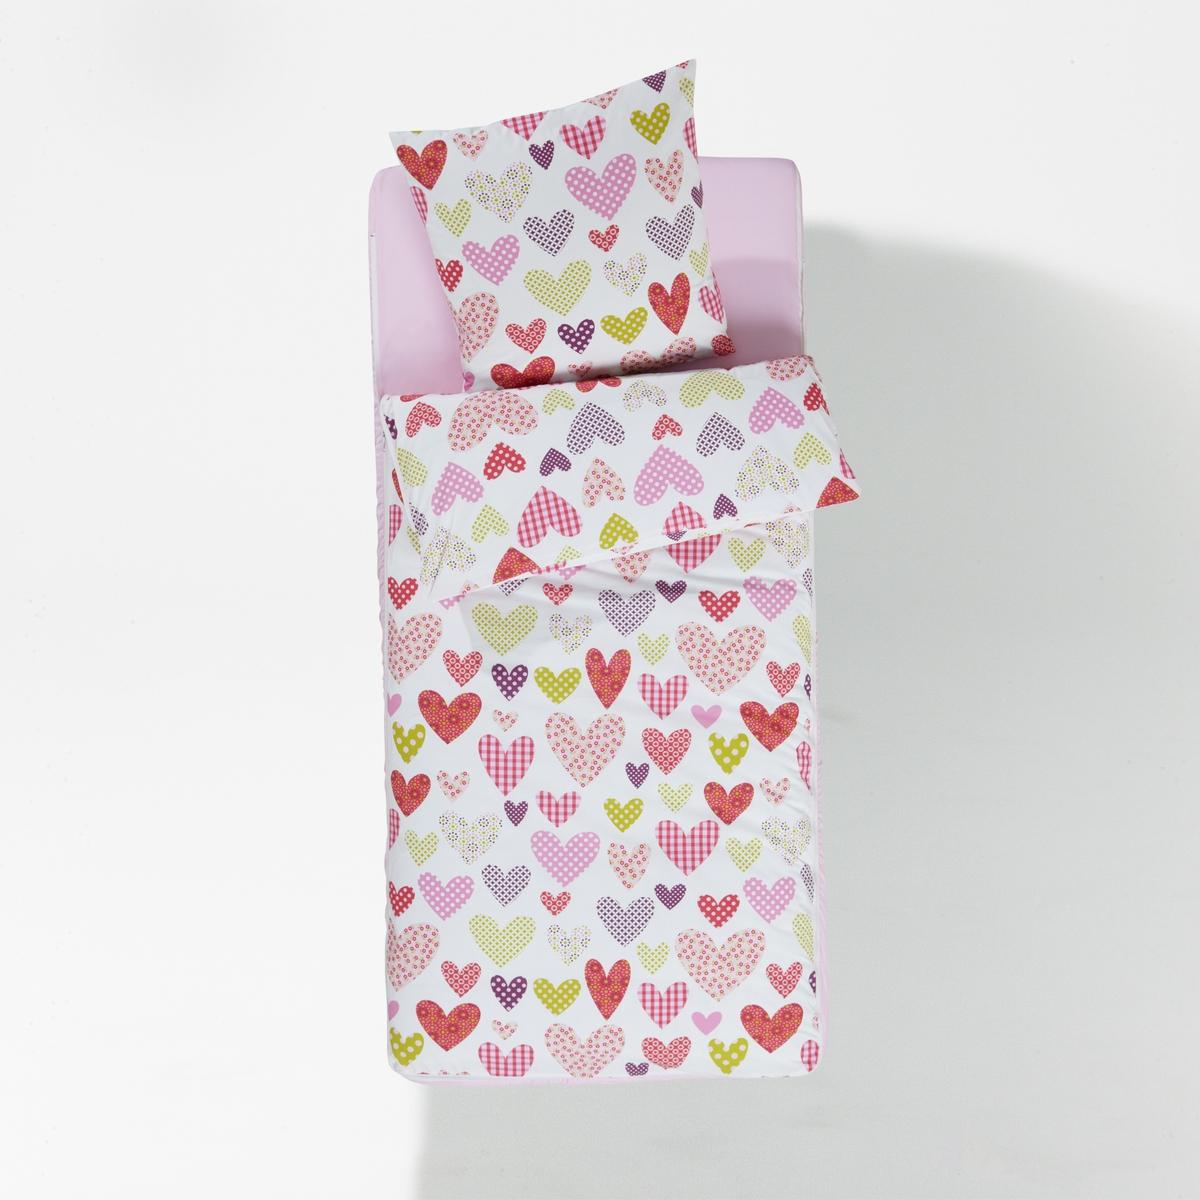 Комплект постельный с одеялом из серии готов ко сну,  LoveКомплект с одеялом и принтом сердечки Love . Отличное решение для двухъярусных кроватей, на отдыхе или для организации дополнительного спального места ! Маленькая хитрость ? пододеяльник и натяжная простыня соединены застежкой на молнию !Характеристики комплекта Love :В комплекте : Размер 90 x 140 см: 1 пододеяльник 90 x 140 см + 1 натяжная простыня 90 x 140 см + 1 наволочка 63 x 63 см + 1 одеяло 90 x 140 смРазмер 90 x 190 см : 1 пододеяльник 90 x 190 см + 1 натяжная простыня 90 x 190 см + 1 наволочка 63 x 63 см + 1 одеяло 90 x 190 смСостав постельного комплекта с одеялом Love :100% хлопок с плотным переплетением нитей 57 нитей/см?    : чем больше нитей/см?, тем выше качество материала.Внешнюю часть комплекта стирать при 60°.. Машинная стирка одеяла при 40 °С.Комплект совместим с надувными матрасами Intex.Всю коллекцию постельных комплектов готов ко сну с рисунком Вы найдете на laredoute.ruРазмеры :90 x 140 см : раздвижная кровать90 x 190 см : 1-сп.<br><br>Цвет: розовый/ зеленый/ белый<br>Размер: 90 x 140  см